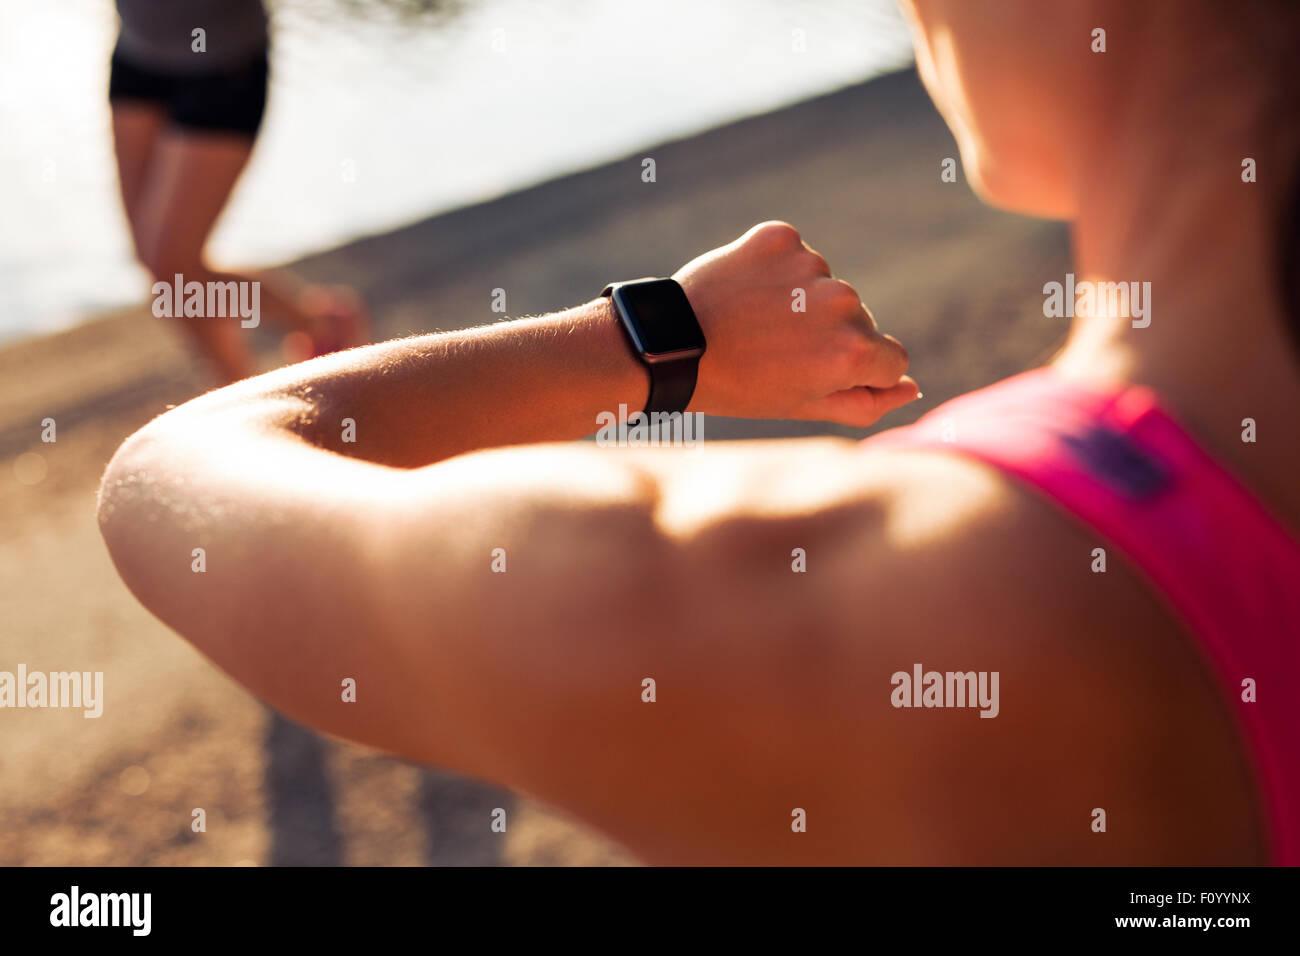 Shpt Sportlerin betrachten ihre Stoppuhr hautnah. Überprüfung auf ihre Smartwatch Jogger. Stockbild